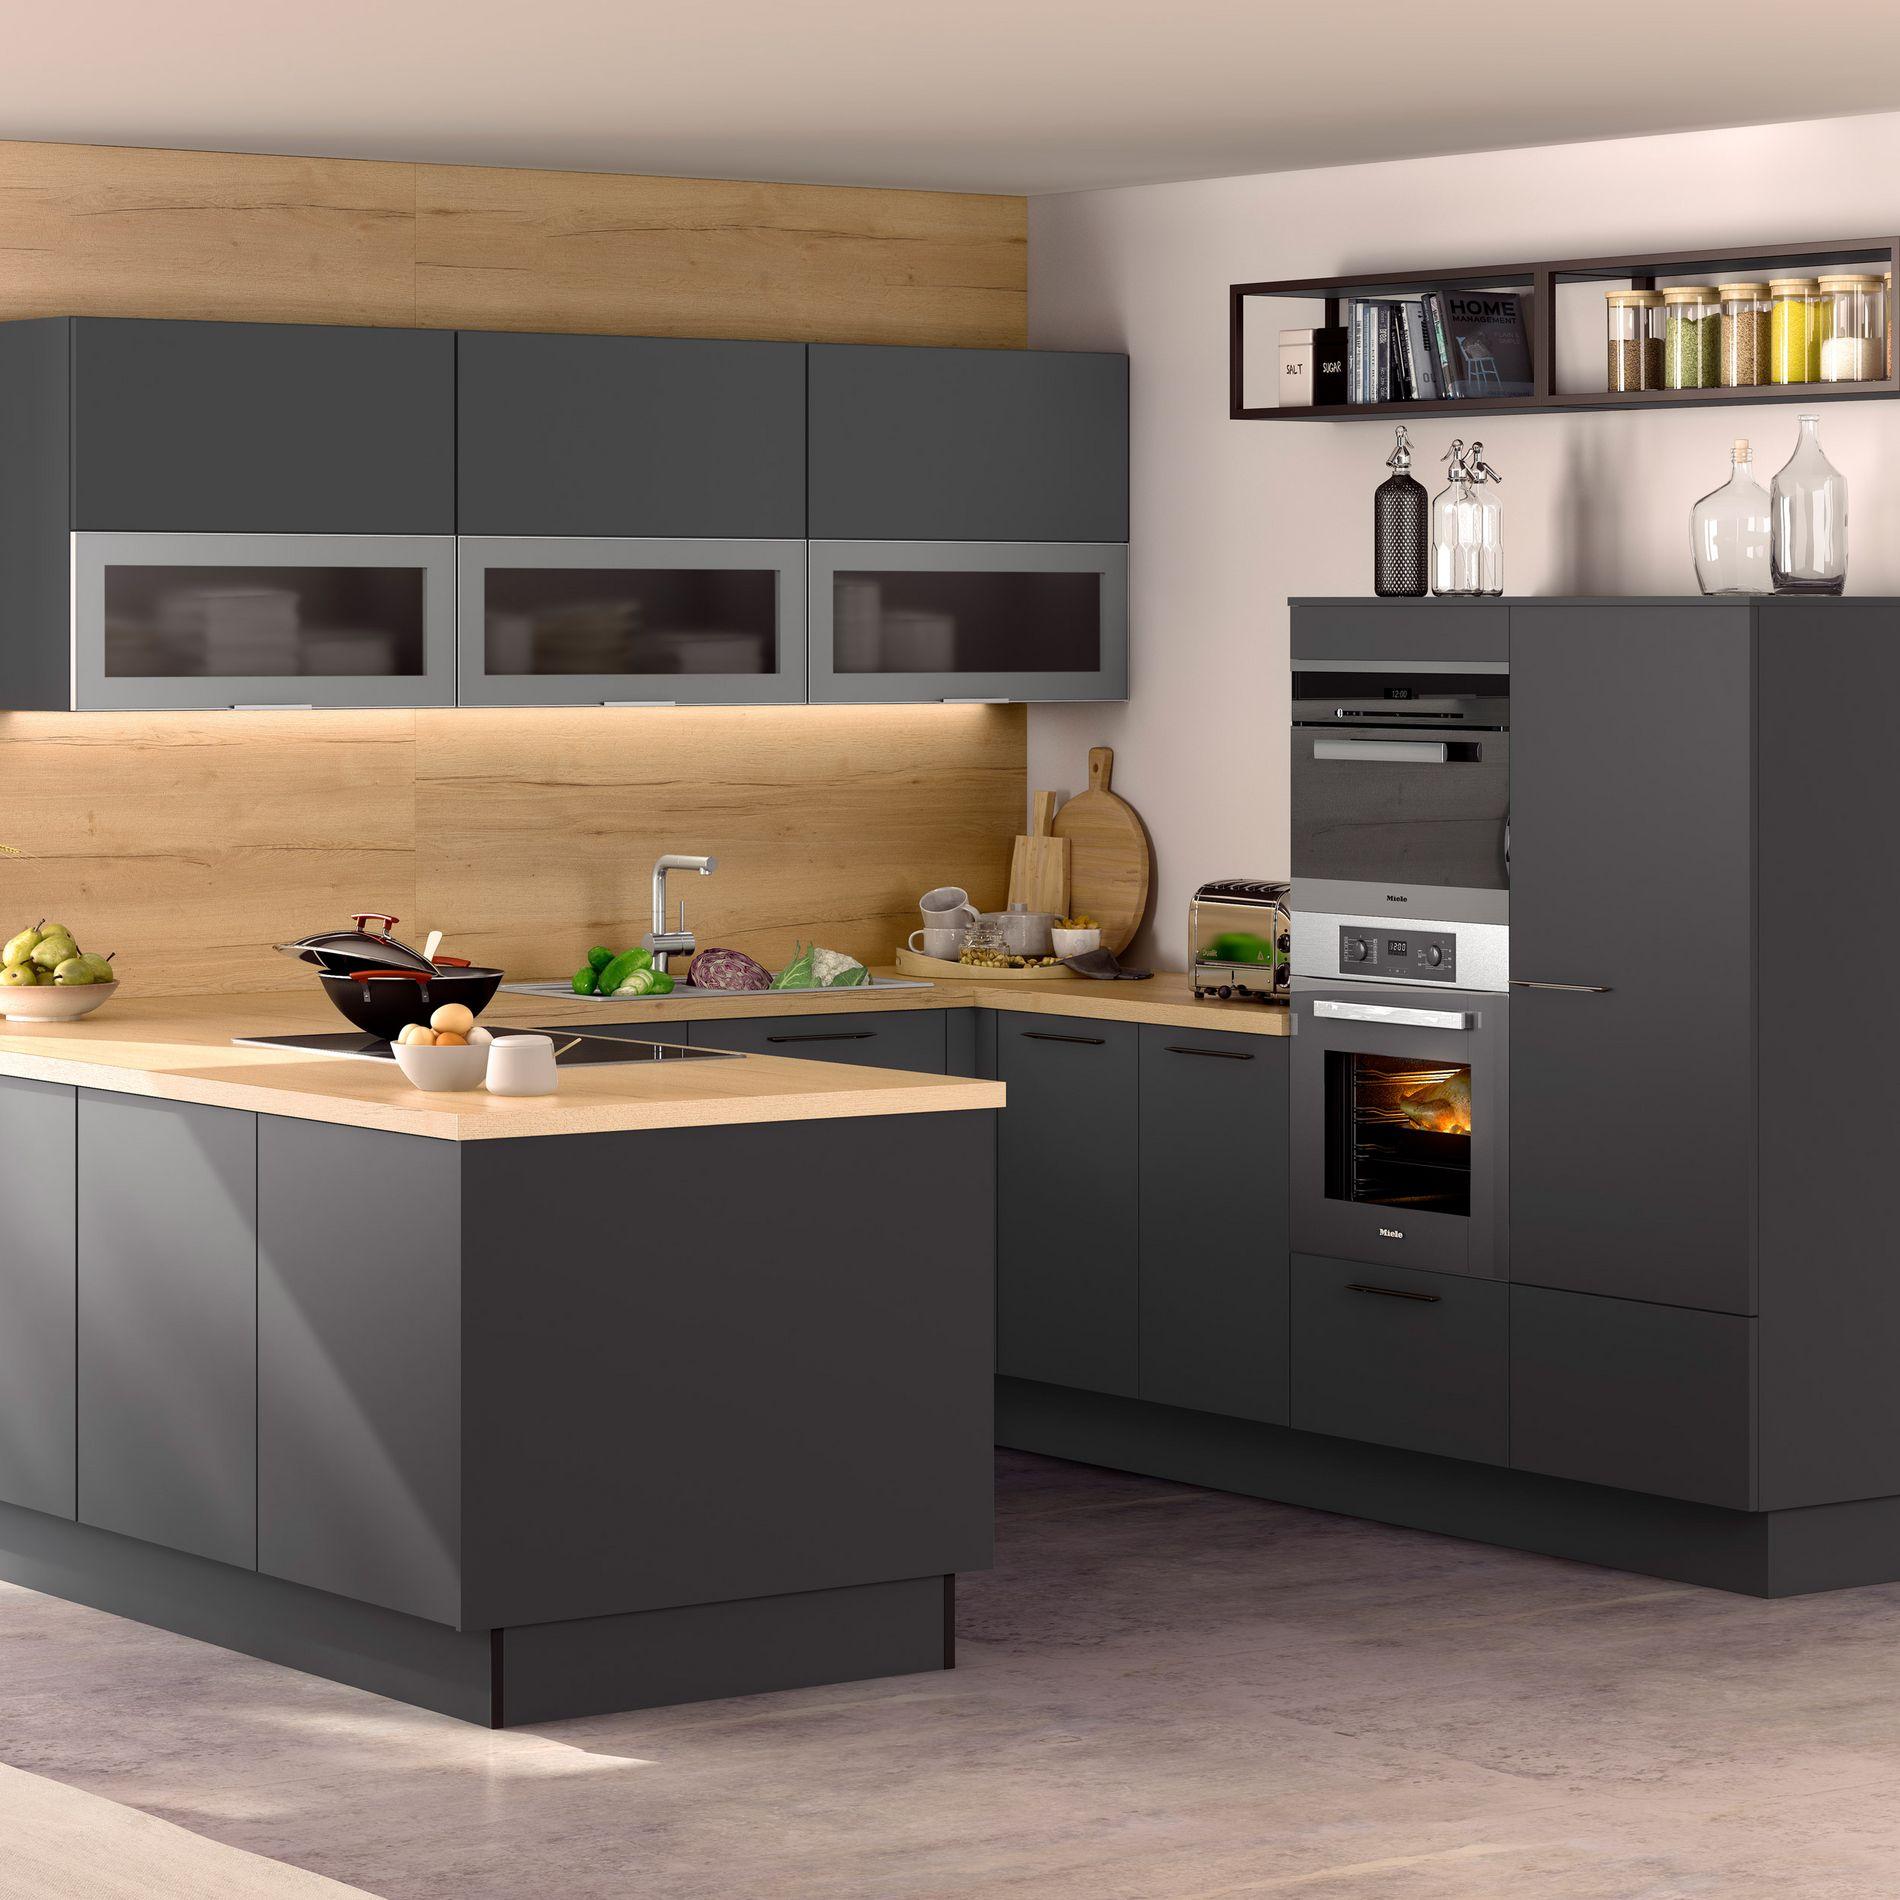 Full Size of Ihr Kchenexperte Scherer Kchen Küchen Regal Wohnzimmer Küchen